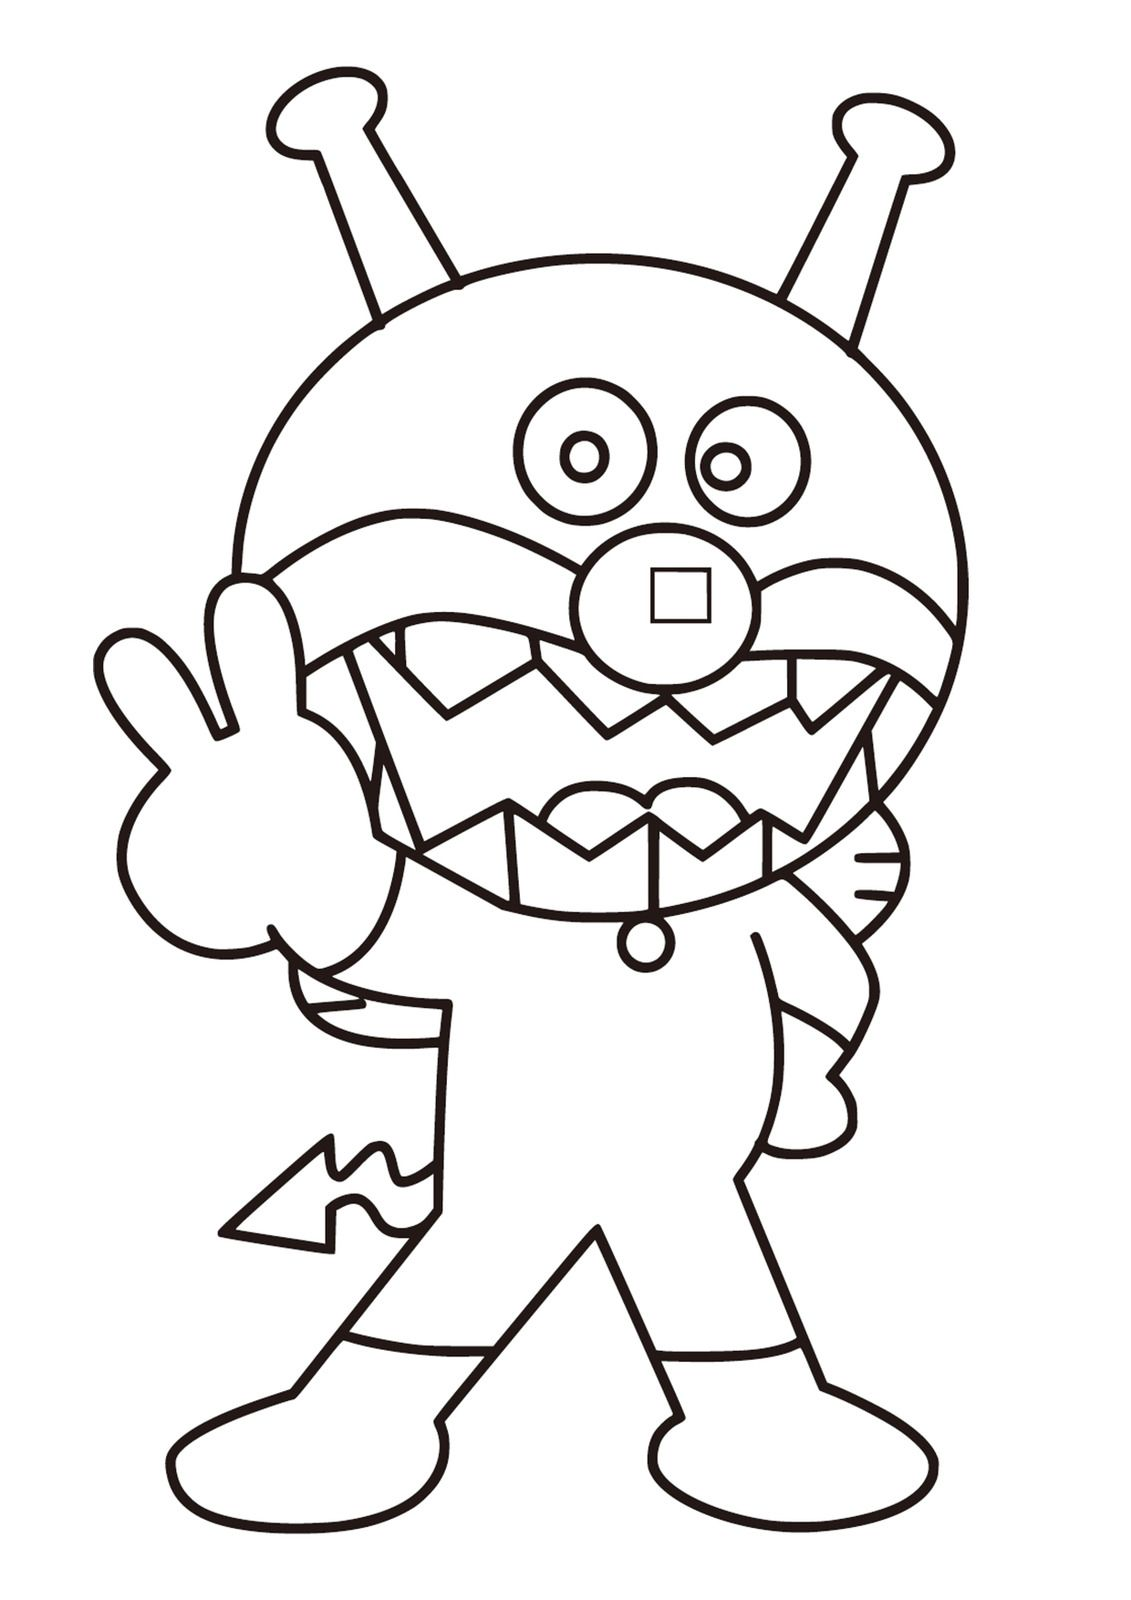 それいけアンパンマン ぬりえ塗り絵画像 テンプレート素材 Coloring Pages Coloring Pages For Kids Doraemon